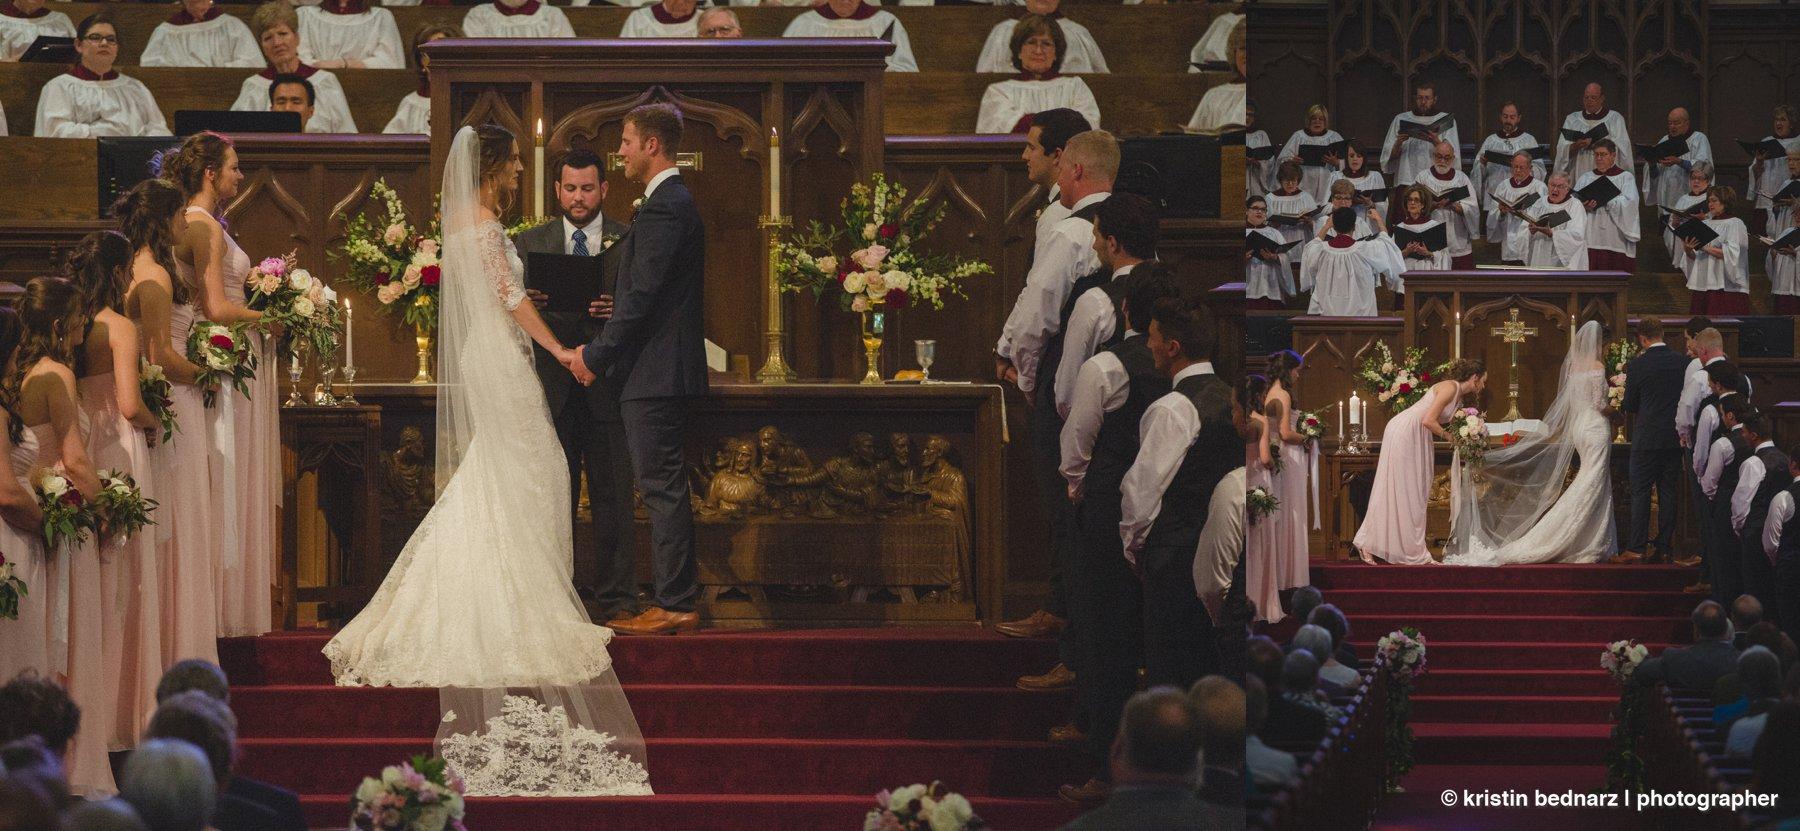 Krisitin_Bednarz_Lubbock_Wedding_Photographer_20180602_0063.JPG